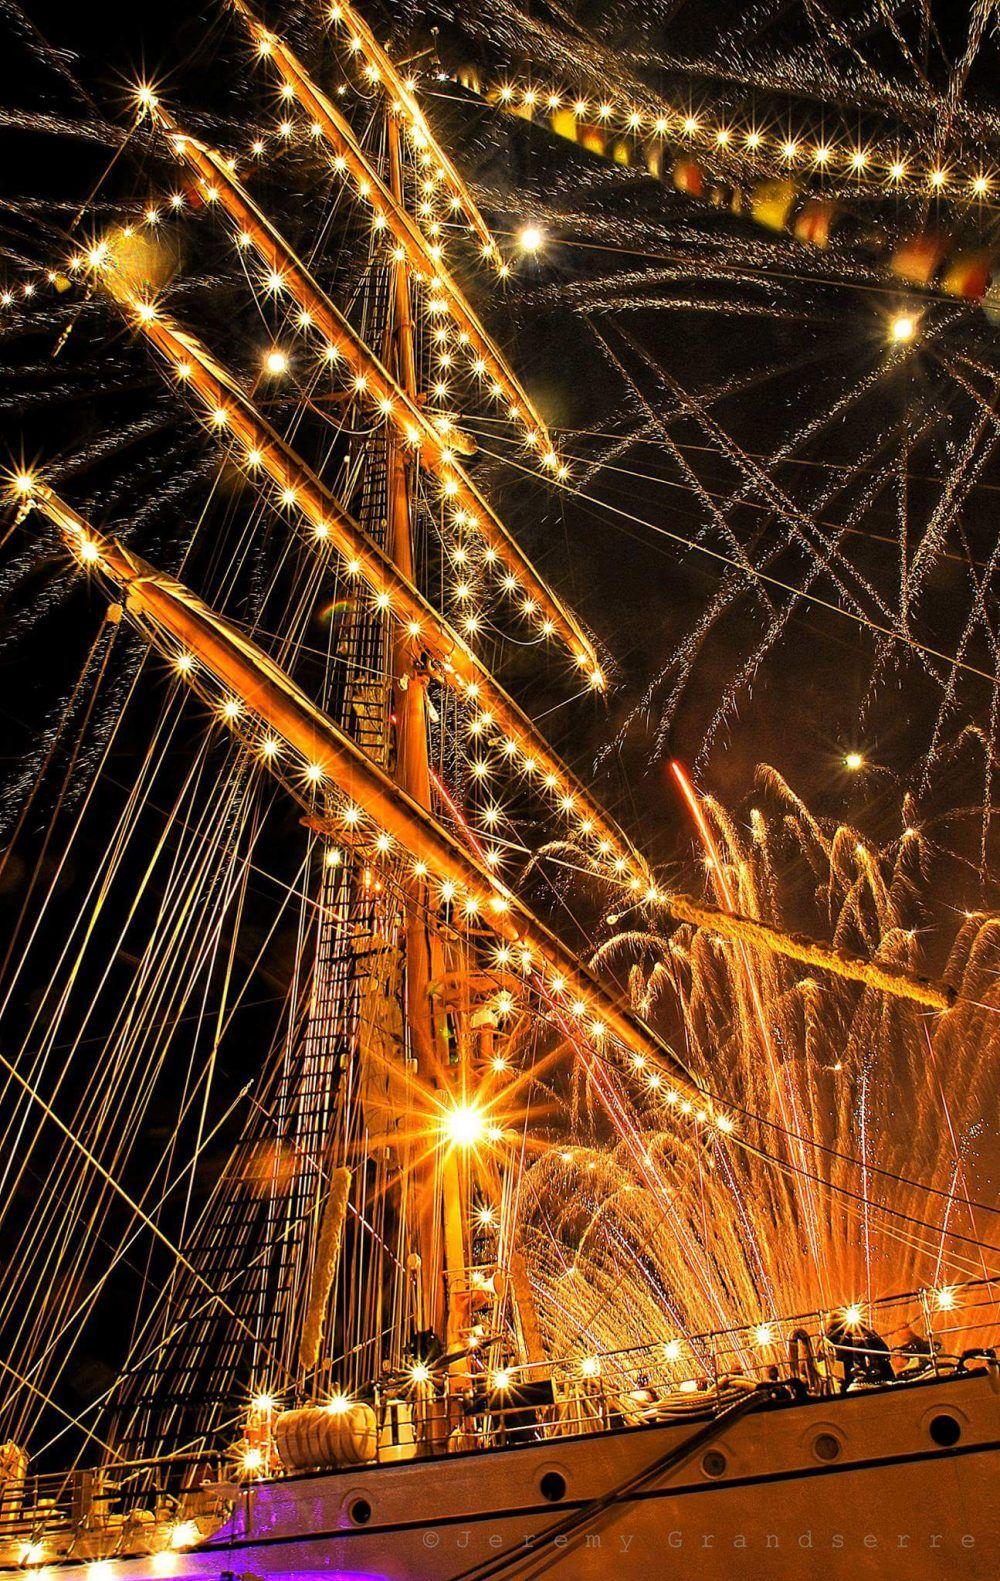 Croisière feu d'artifice à bord de La Lieutenance